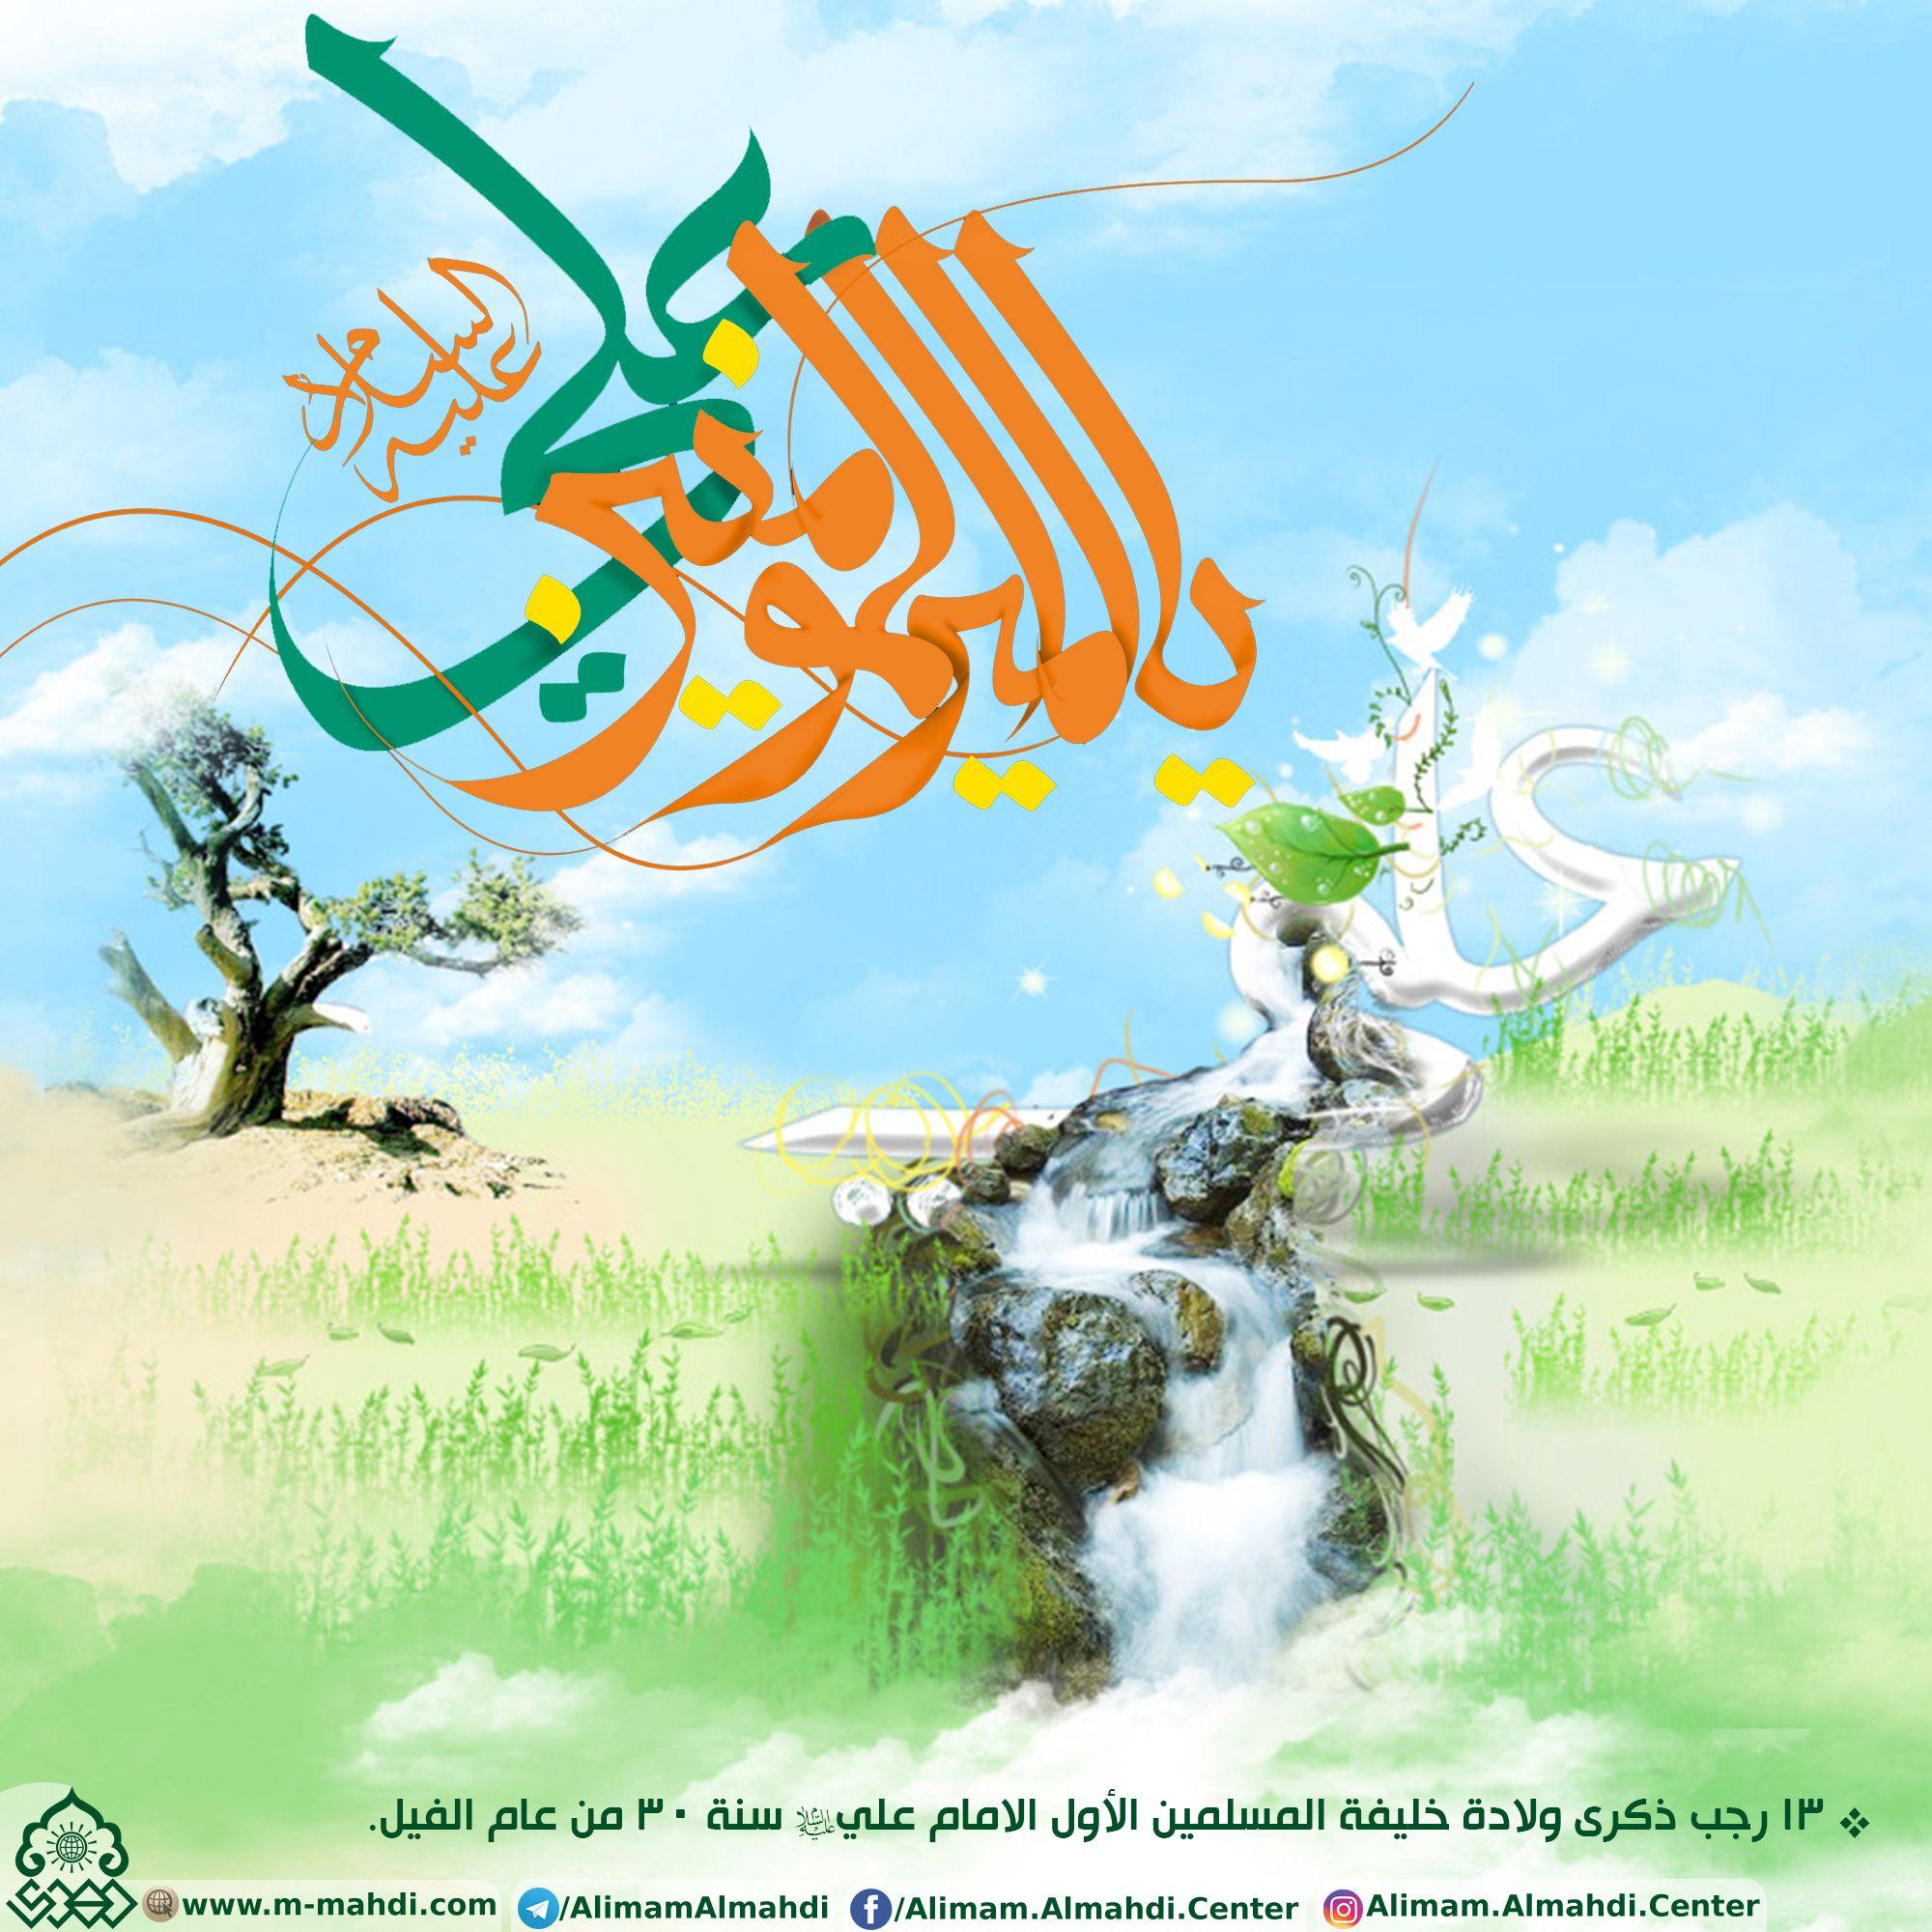 ذكرى ولادة امير المؤمنين الامام علي عليه السلام Islamic Art Imam Ali Imam Hussain